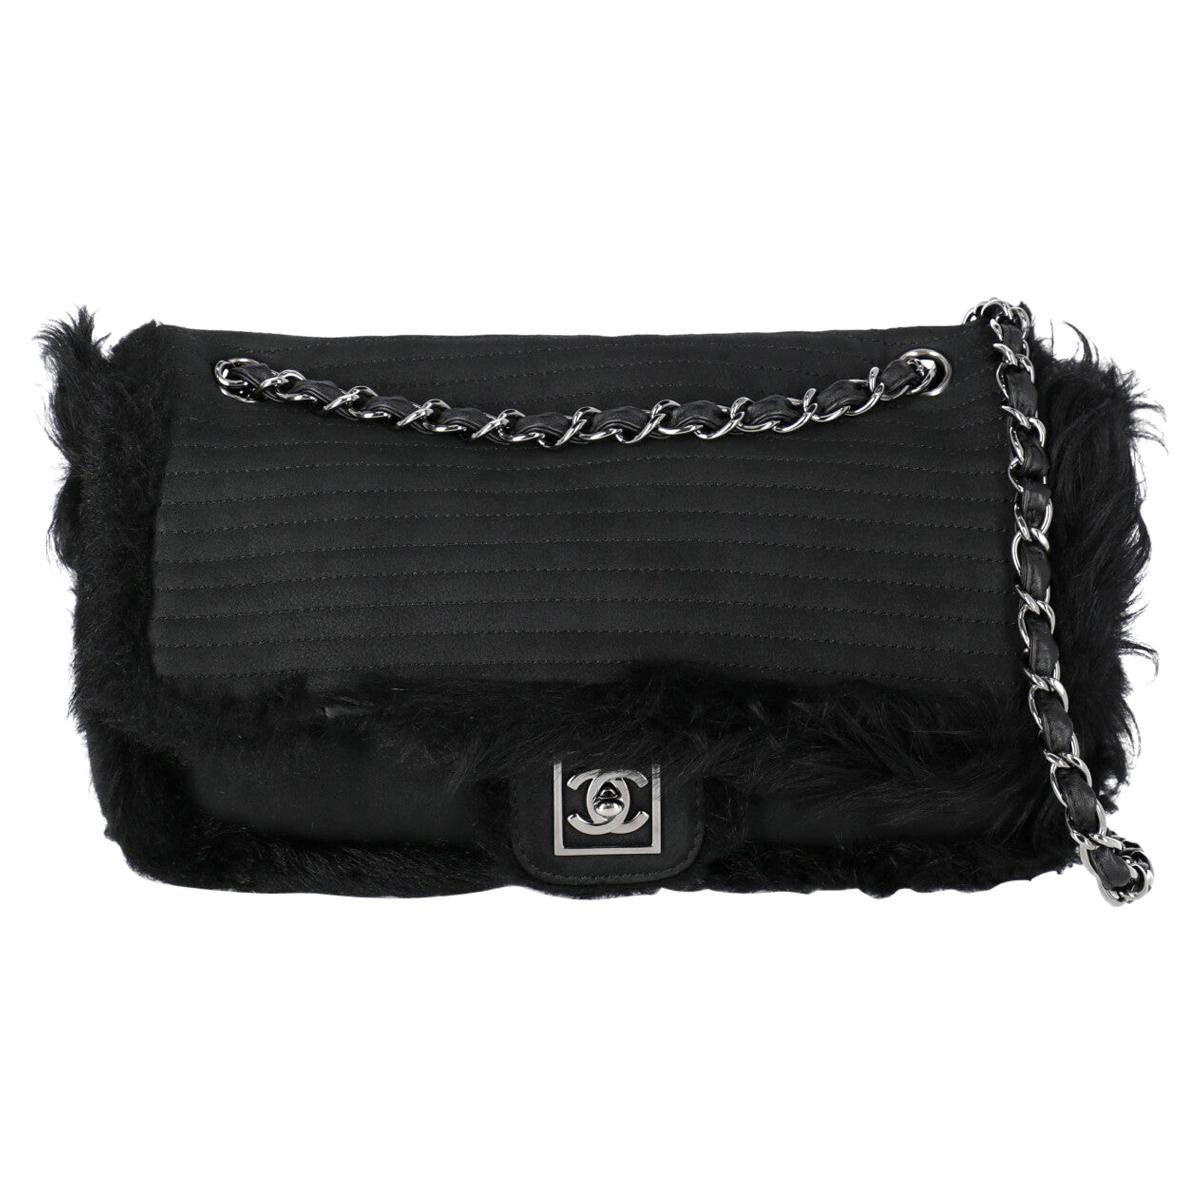 Chanel Woman Timeless Black